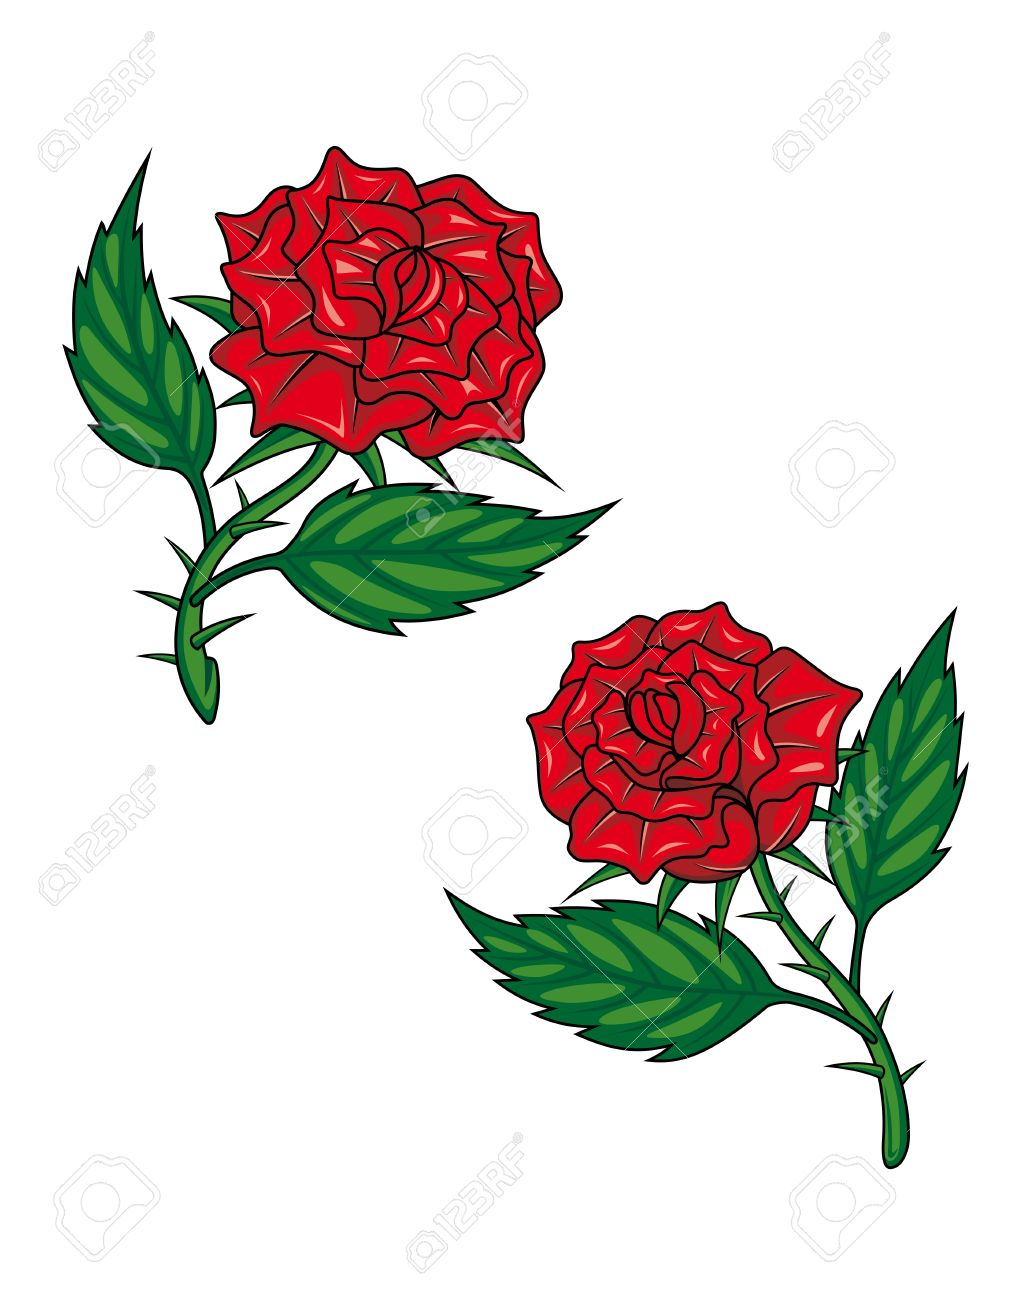 Dos Rosas Rojas De Dibujos Animados Aislado En Blanco Para El Diseño